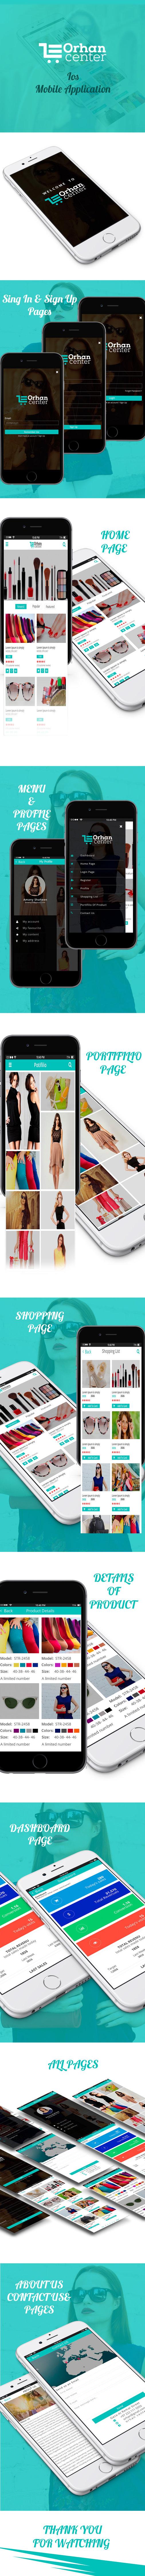 تصميم تطبيق موبايل لمتجر ملابس نسائية واكسسوارات وغيرها